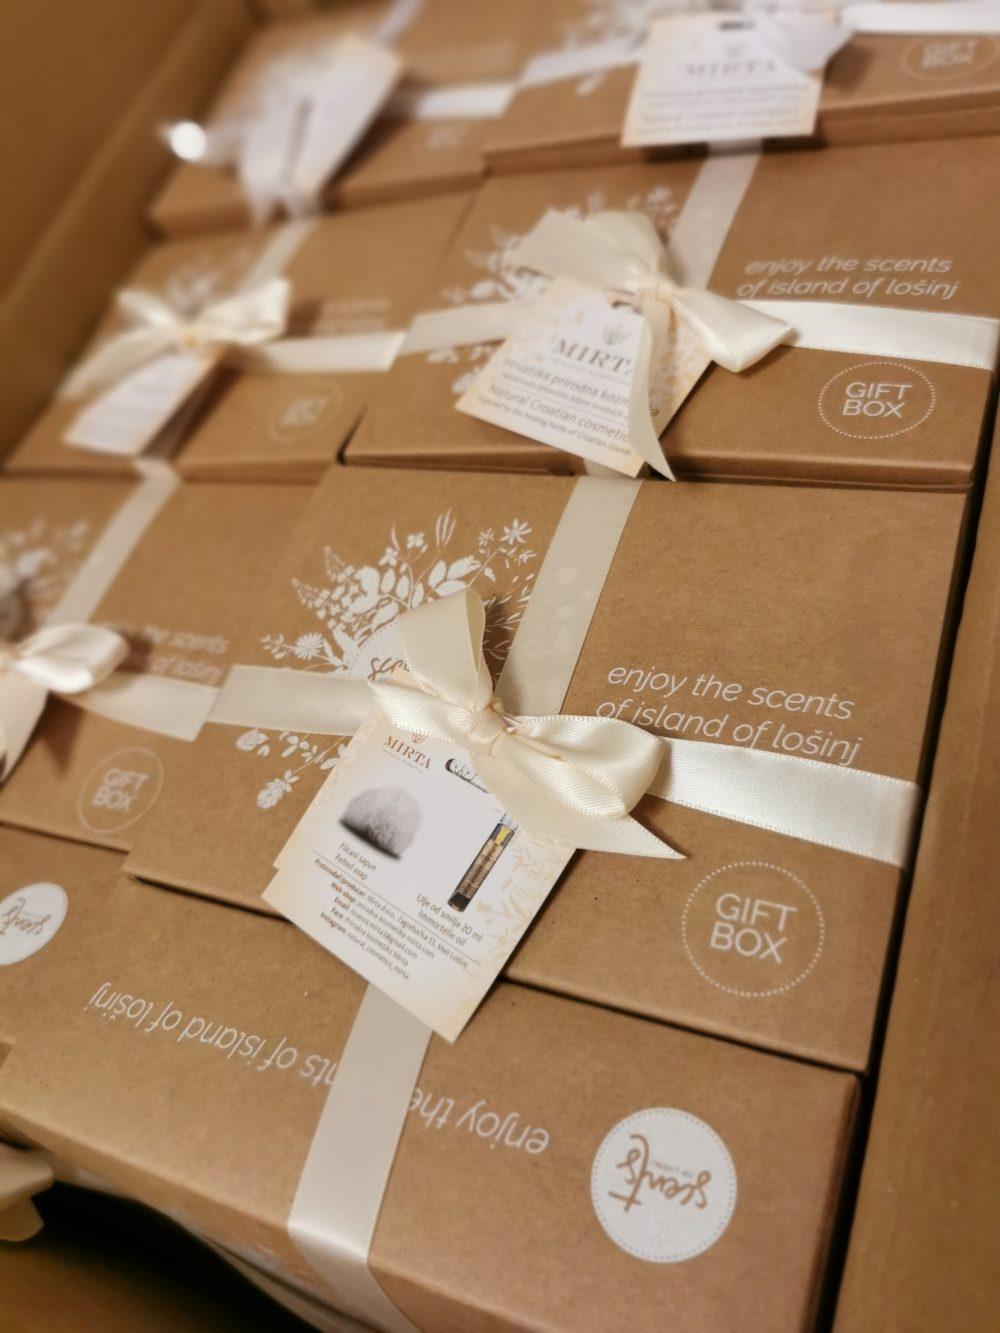 poklon kutija kozmetike za žene u kojoj se nalaze ulje od smilja i filcani sapun